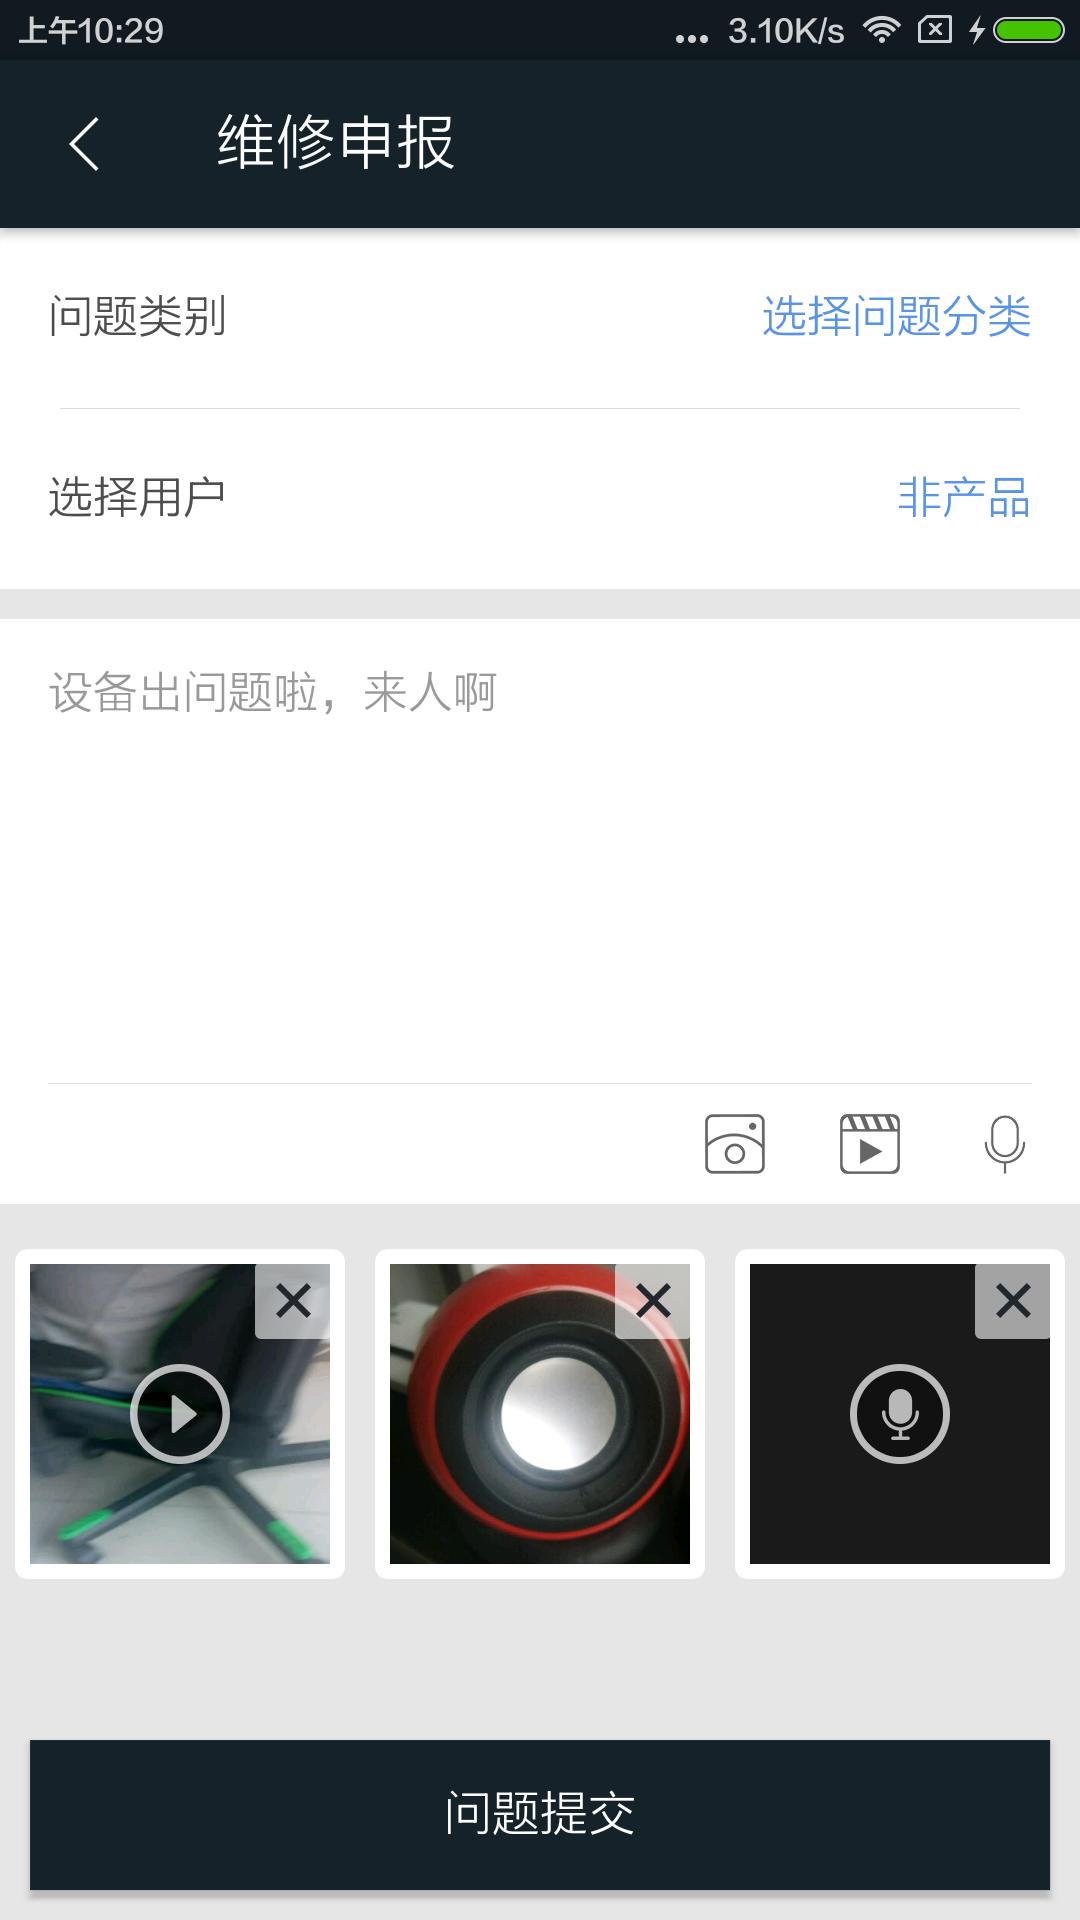 口袋小贝 v1.1.18 安卓版界面图2